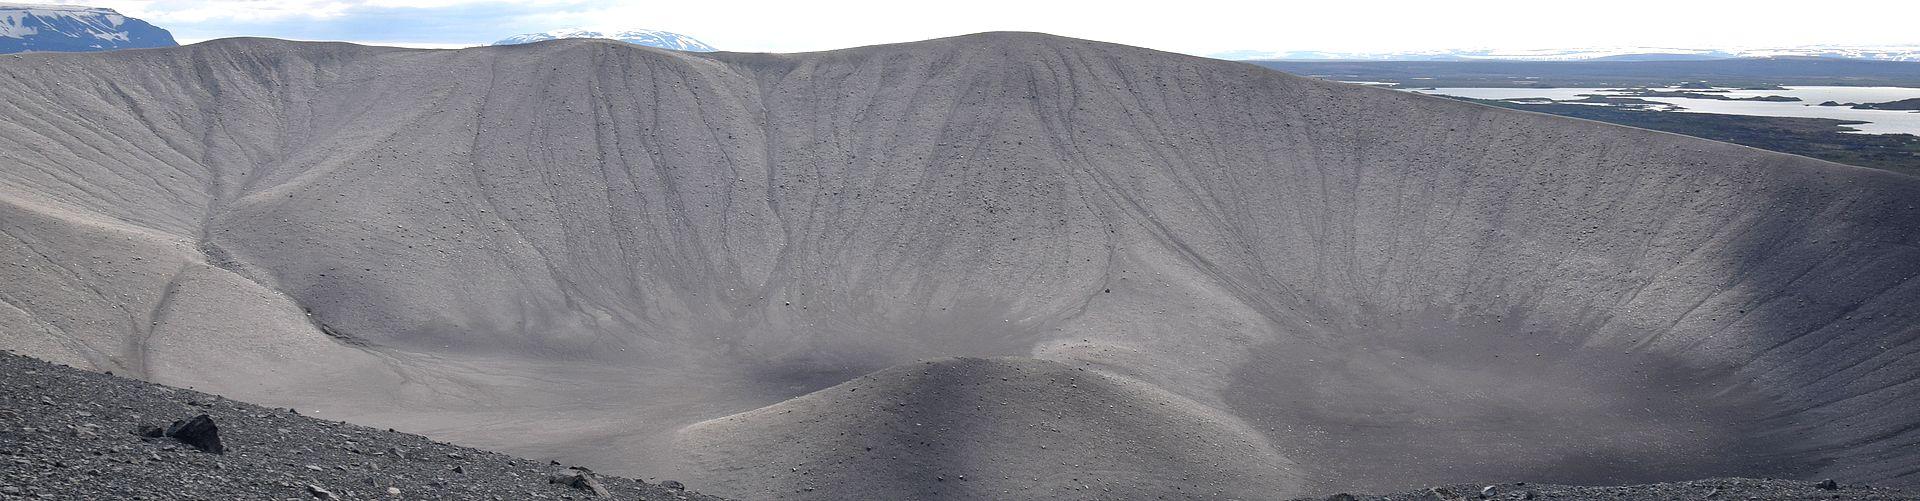 Volcan Hverfjall près de Myvatn